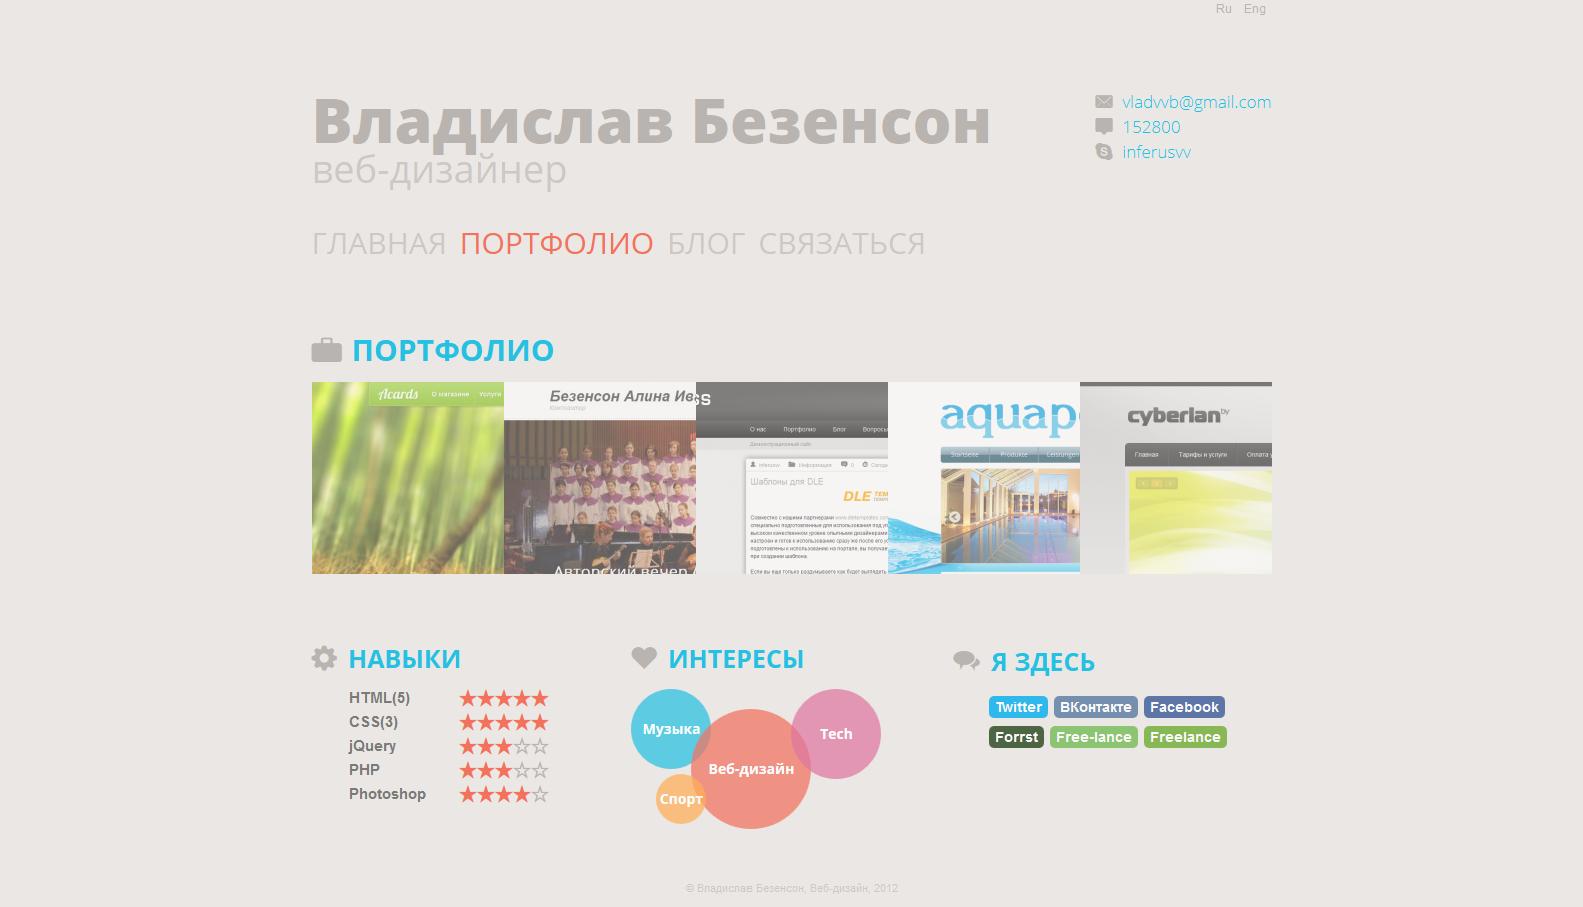 Inferusvv.ru - сайт-портфолио. Блог дизайнера/верстальщика